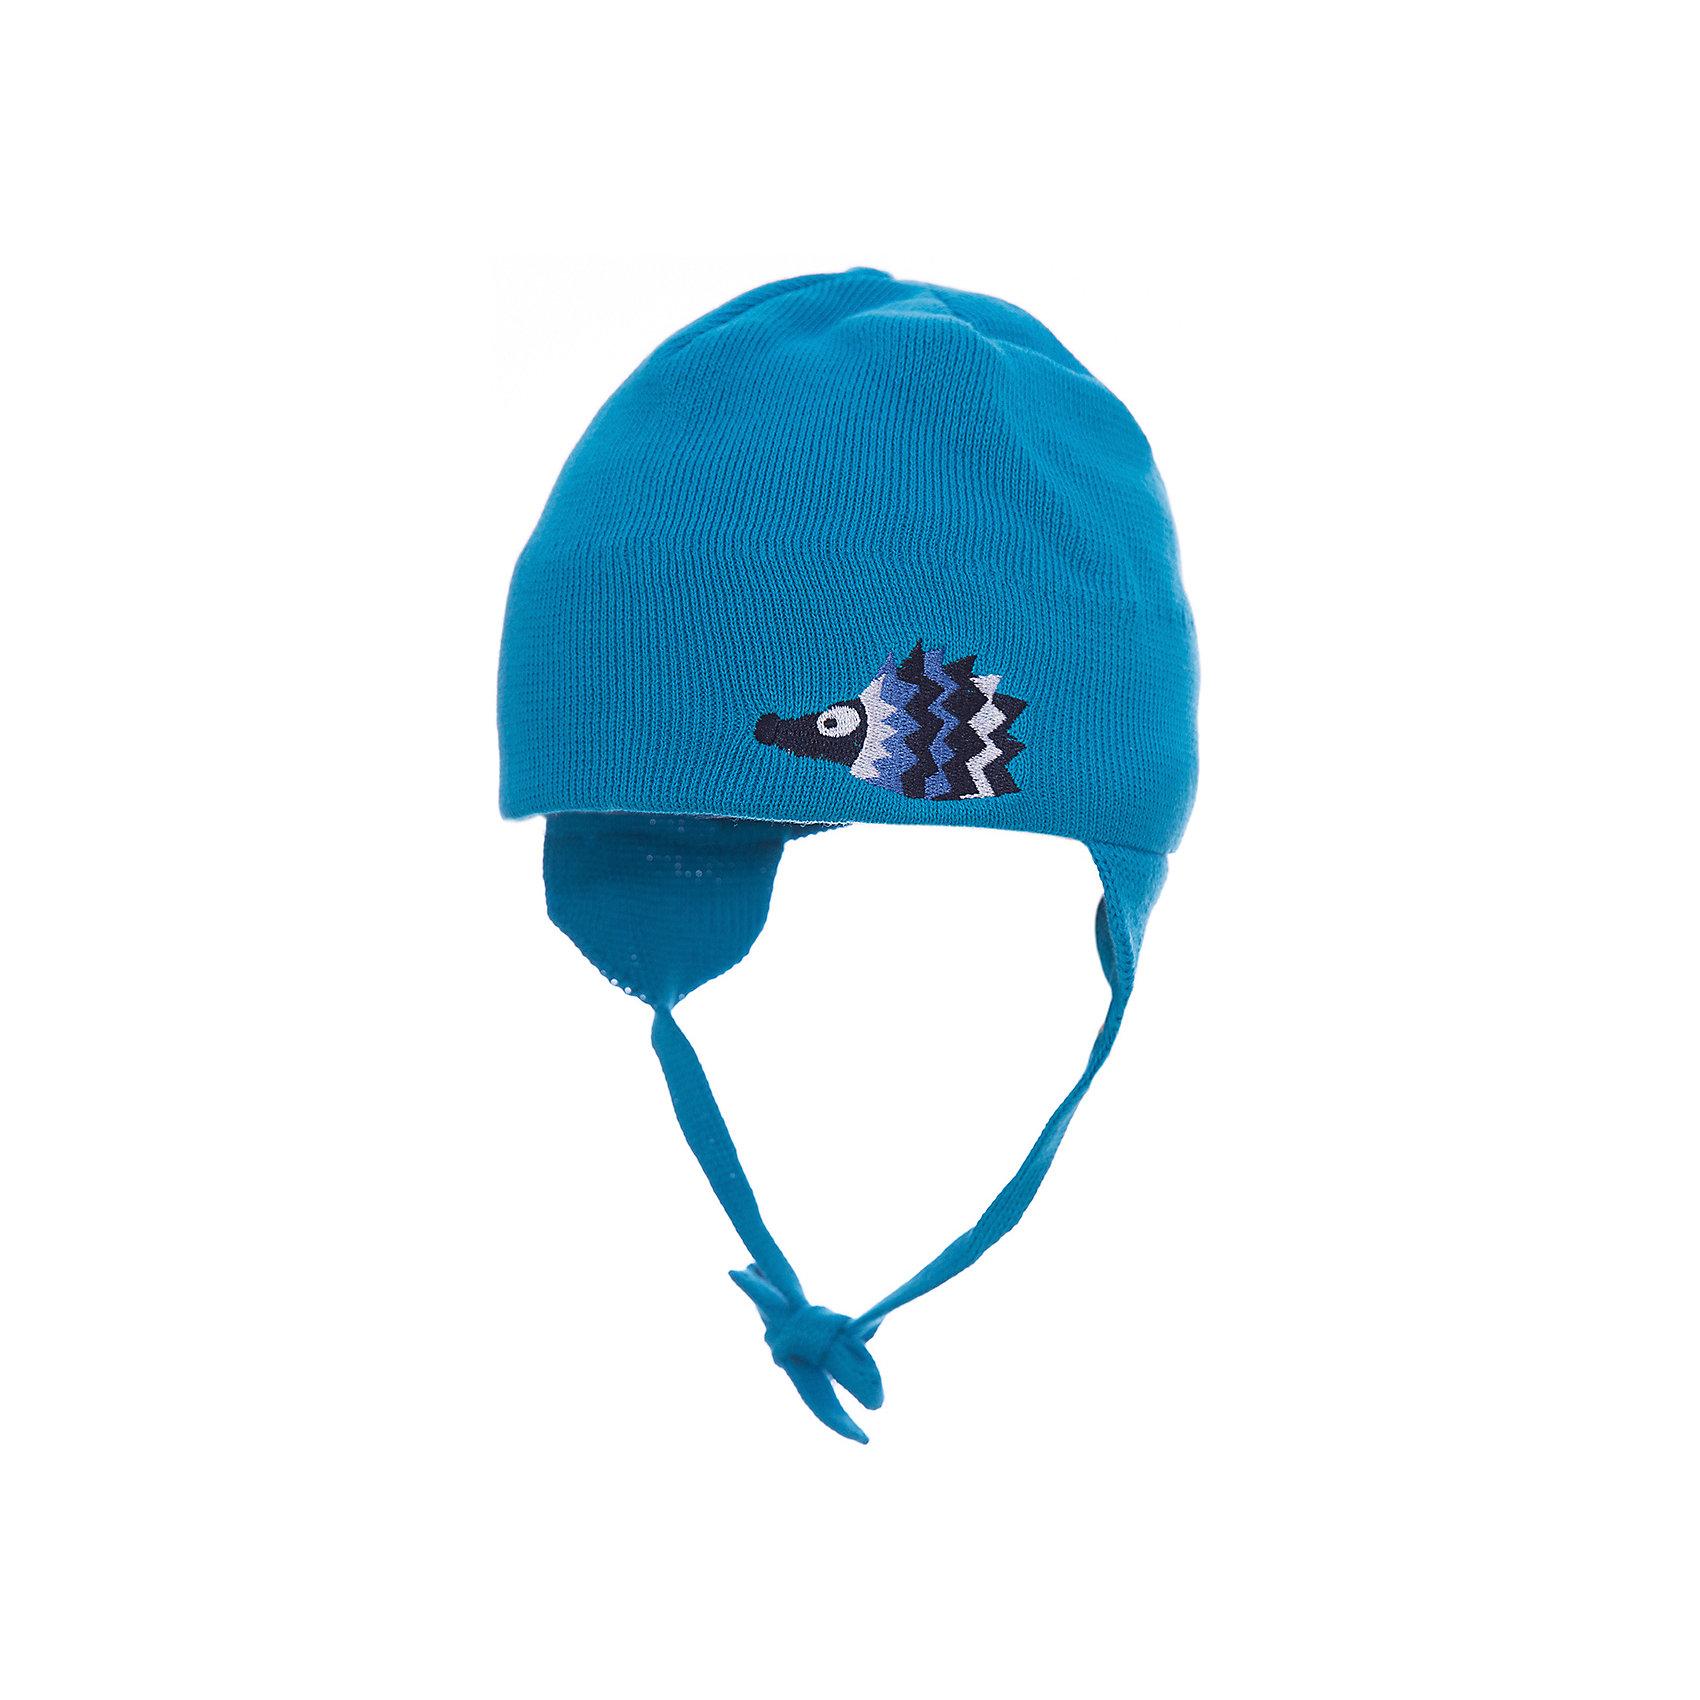 Шапка для мальчика HuppaХлопчатобумажная демисезонная шапка на завязках.<br><br>Дополнительная информация:<br><br>Демисезонная модель<br>Состав:100% хлопок<br><br>Шапку для мальчика Huppa можно купить в нашем магазине.<br><br>Ширина мм: 89<br>Глубина мм: 117<br>Высота мм: 44<br>Вес г: 155<br>Цвет: голубой<br>Возраст от месяцев: 0<br>Возраст до месяцев: 6<br>Пол: Мужской<br>Возраст: Детский<br>Размер: 43-45,51-53,47-49,39-43<br>SKU: 4595805